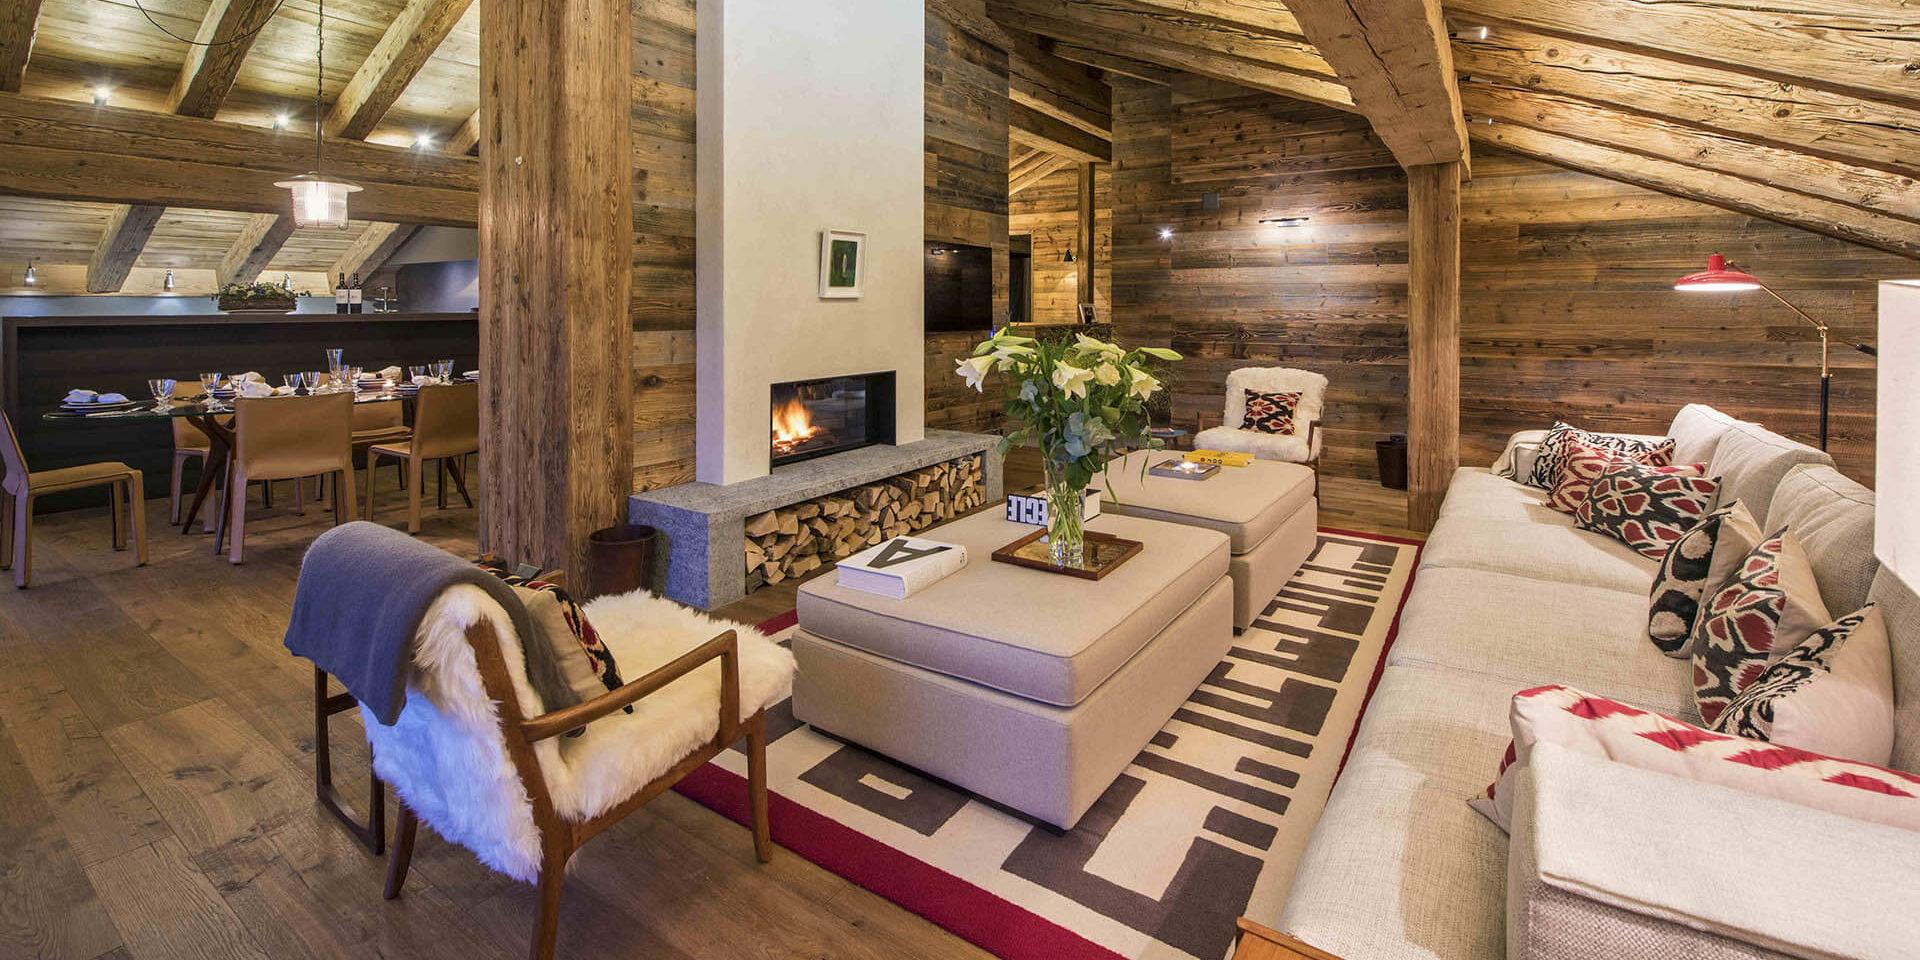 Appartement Place Blanche 2 Verbier Les 4 Vallees Zwitserland wintersport skivakantie luxe living bank fauteuils open haard hockers bloemen vloerkleed houten balken